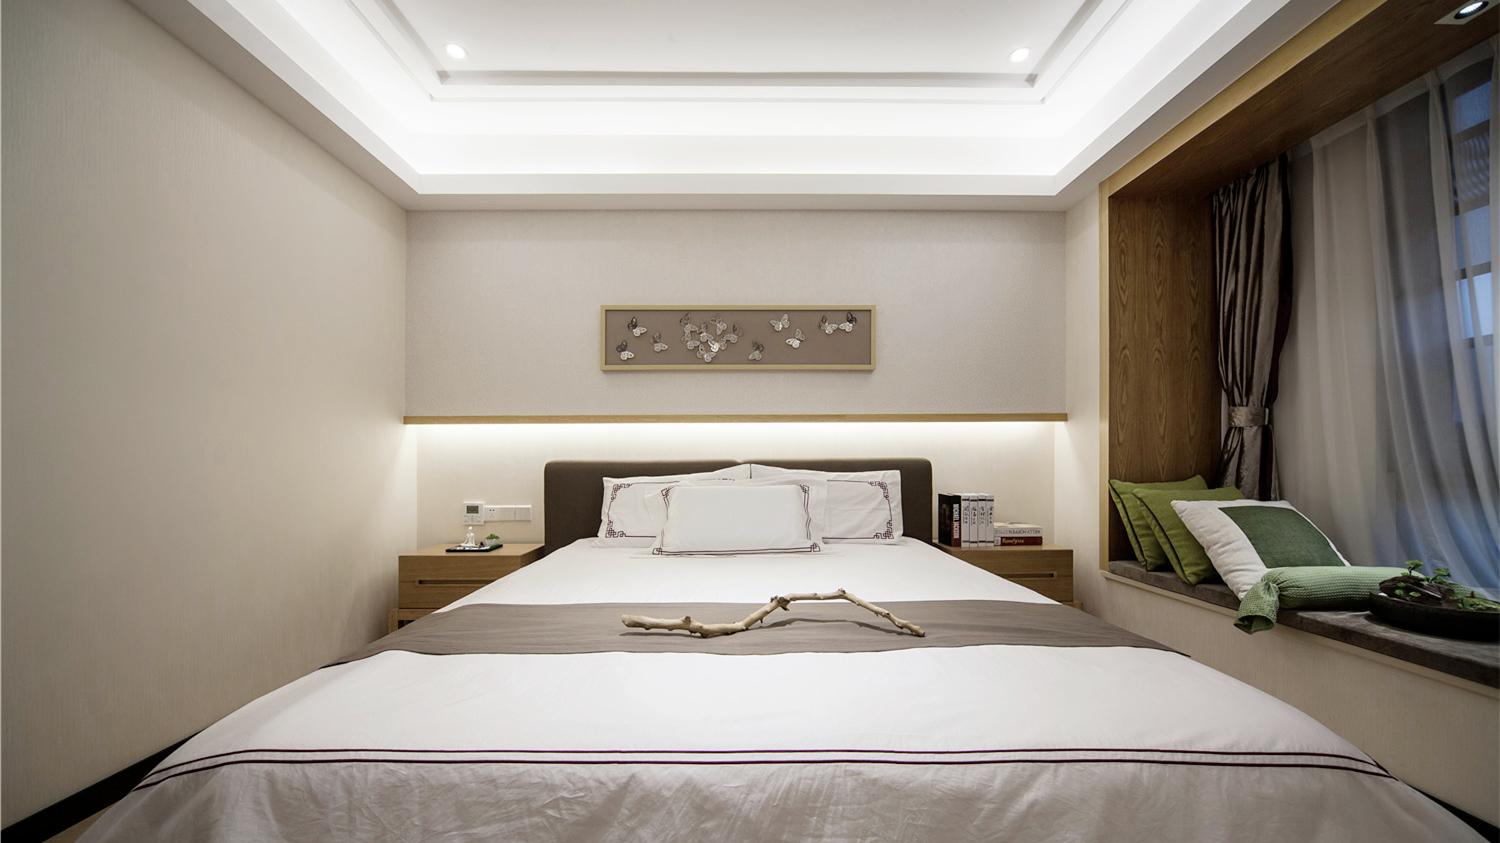 新东方 新中式 现代中式 天汇设计 游小话 卧室图片来自福建天汇设计工程有限公司在THD-天汇设计《清风韵》的分享